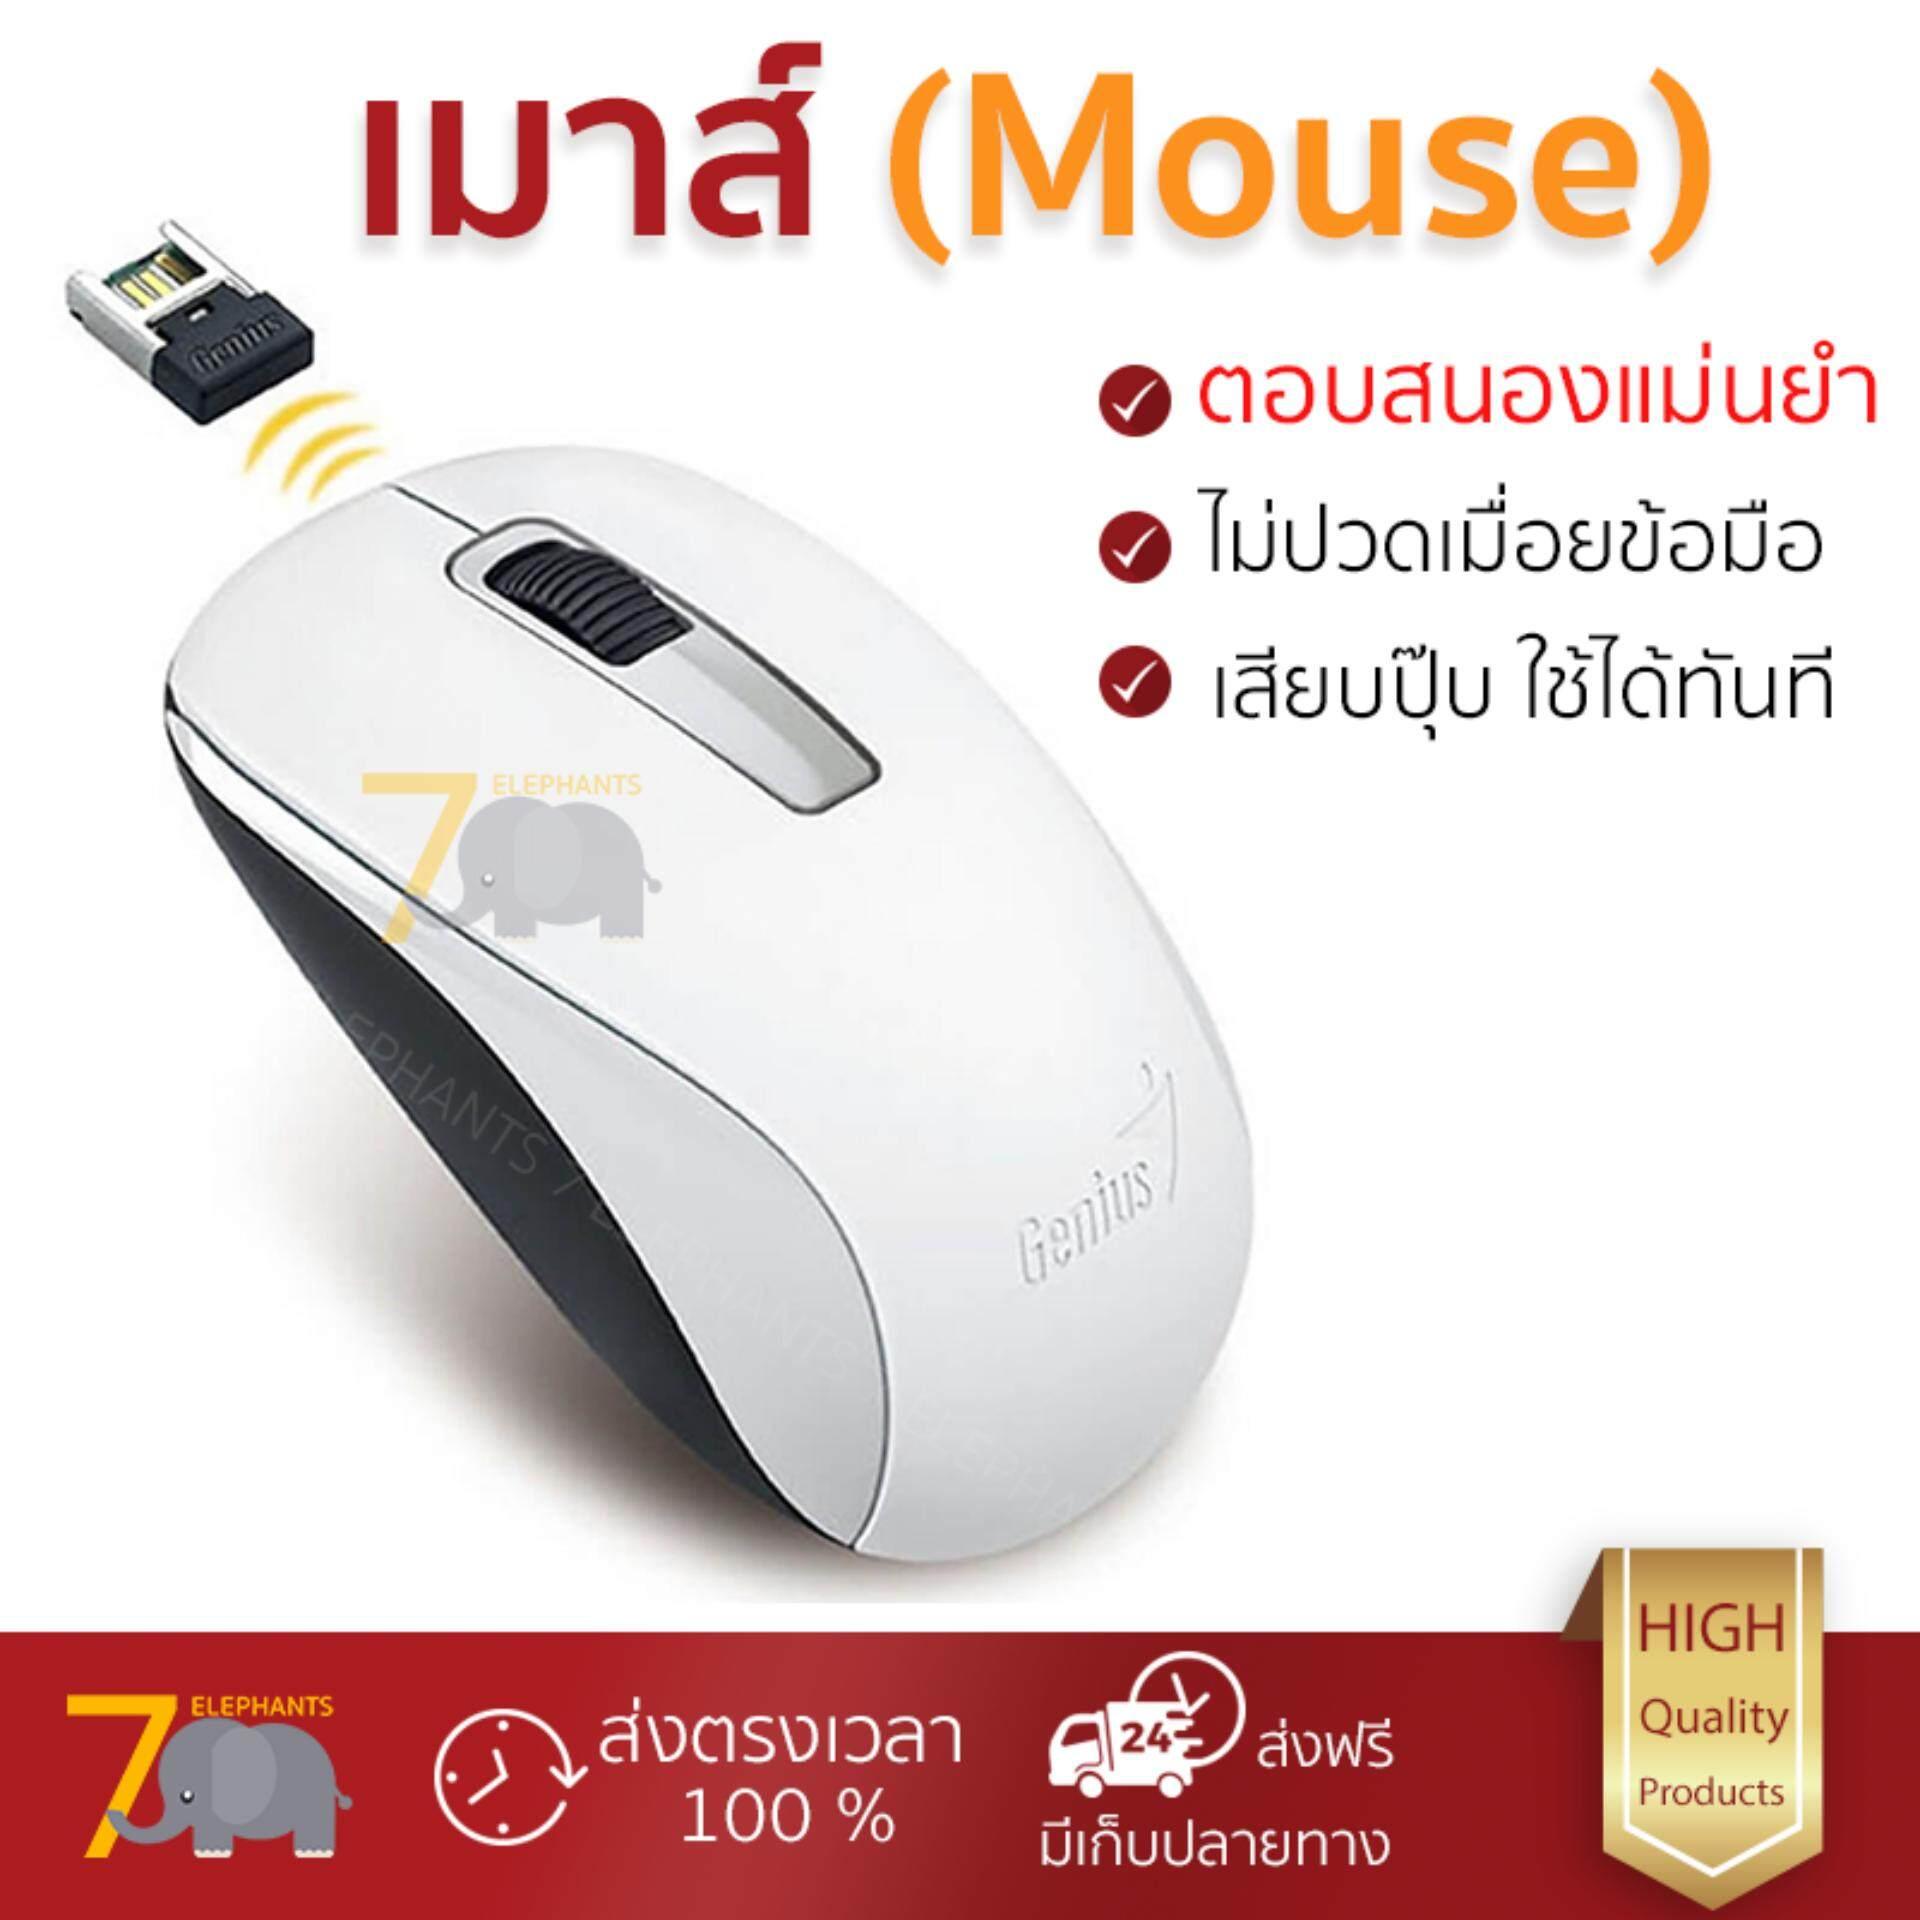 ลดสุดๆ รุ่นใหม่ล่าสุด เมาส์           GENIUS เมาส์ไร้สาย (สีขาว) รุ่น NX-7005             เซนเซอร์คุณภาพสูง ทำงานได้ลื่นไหล ไม่มีสะดุด Computer Mouse  รับประกันสินค้า 1 ปี จัดส่งฟรี Kerry ทั่วประเทศ